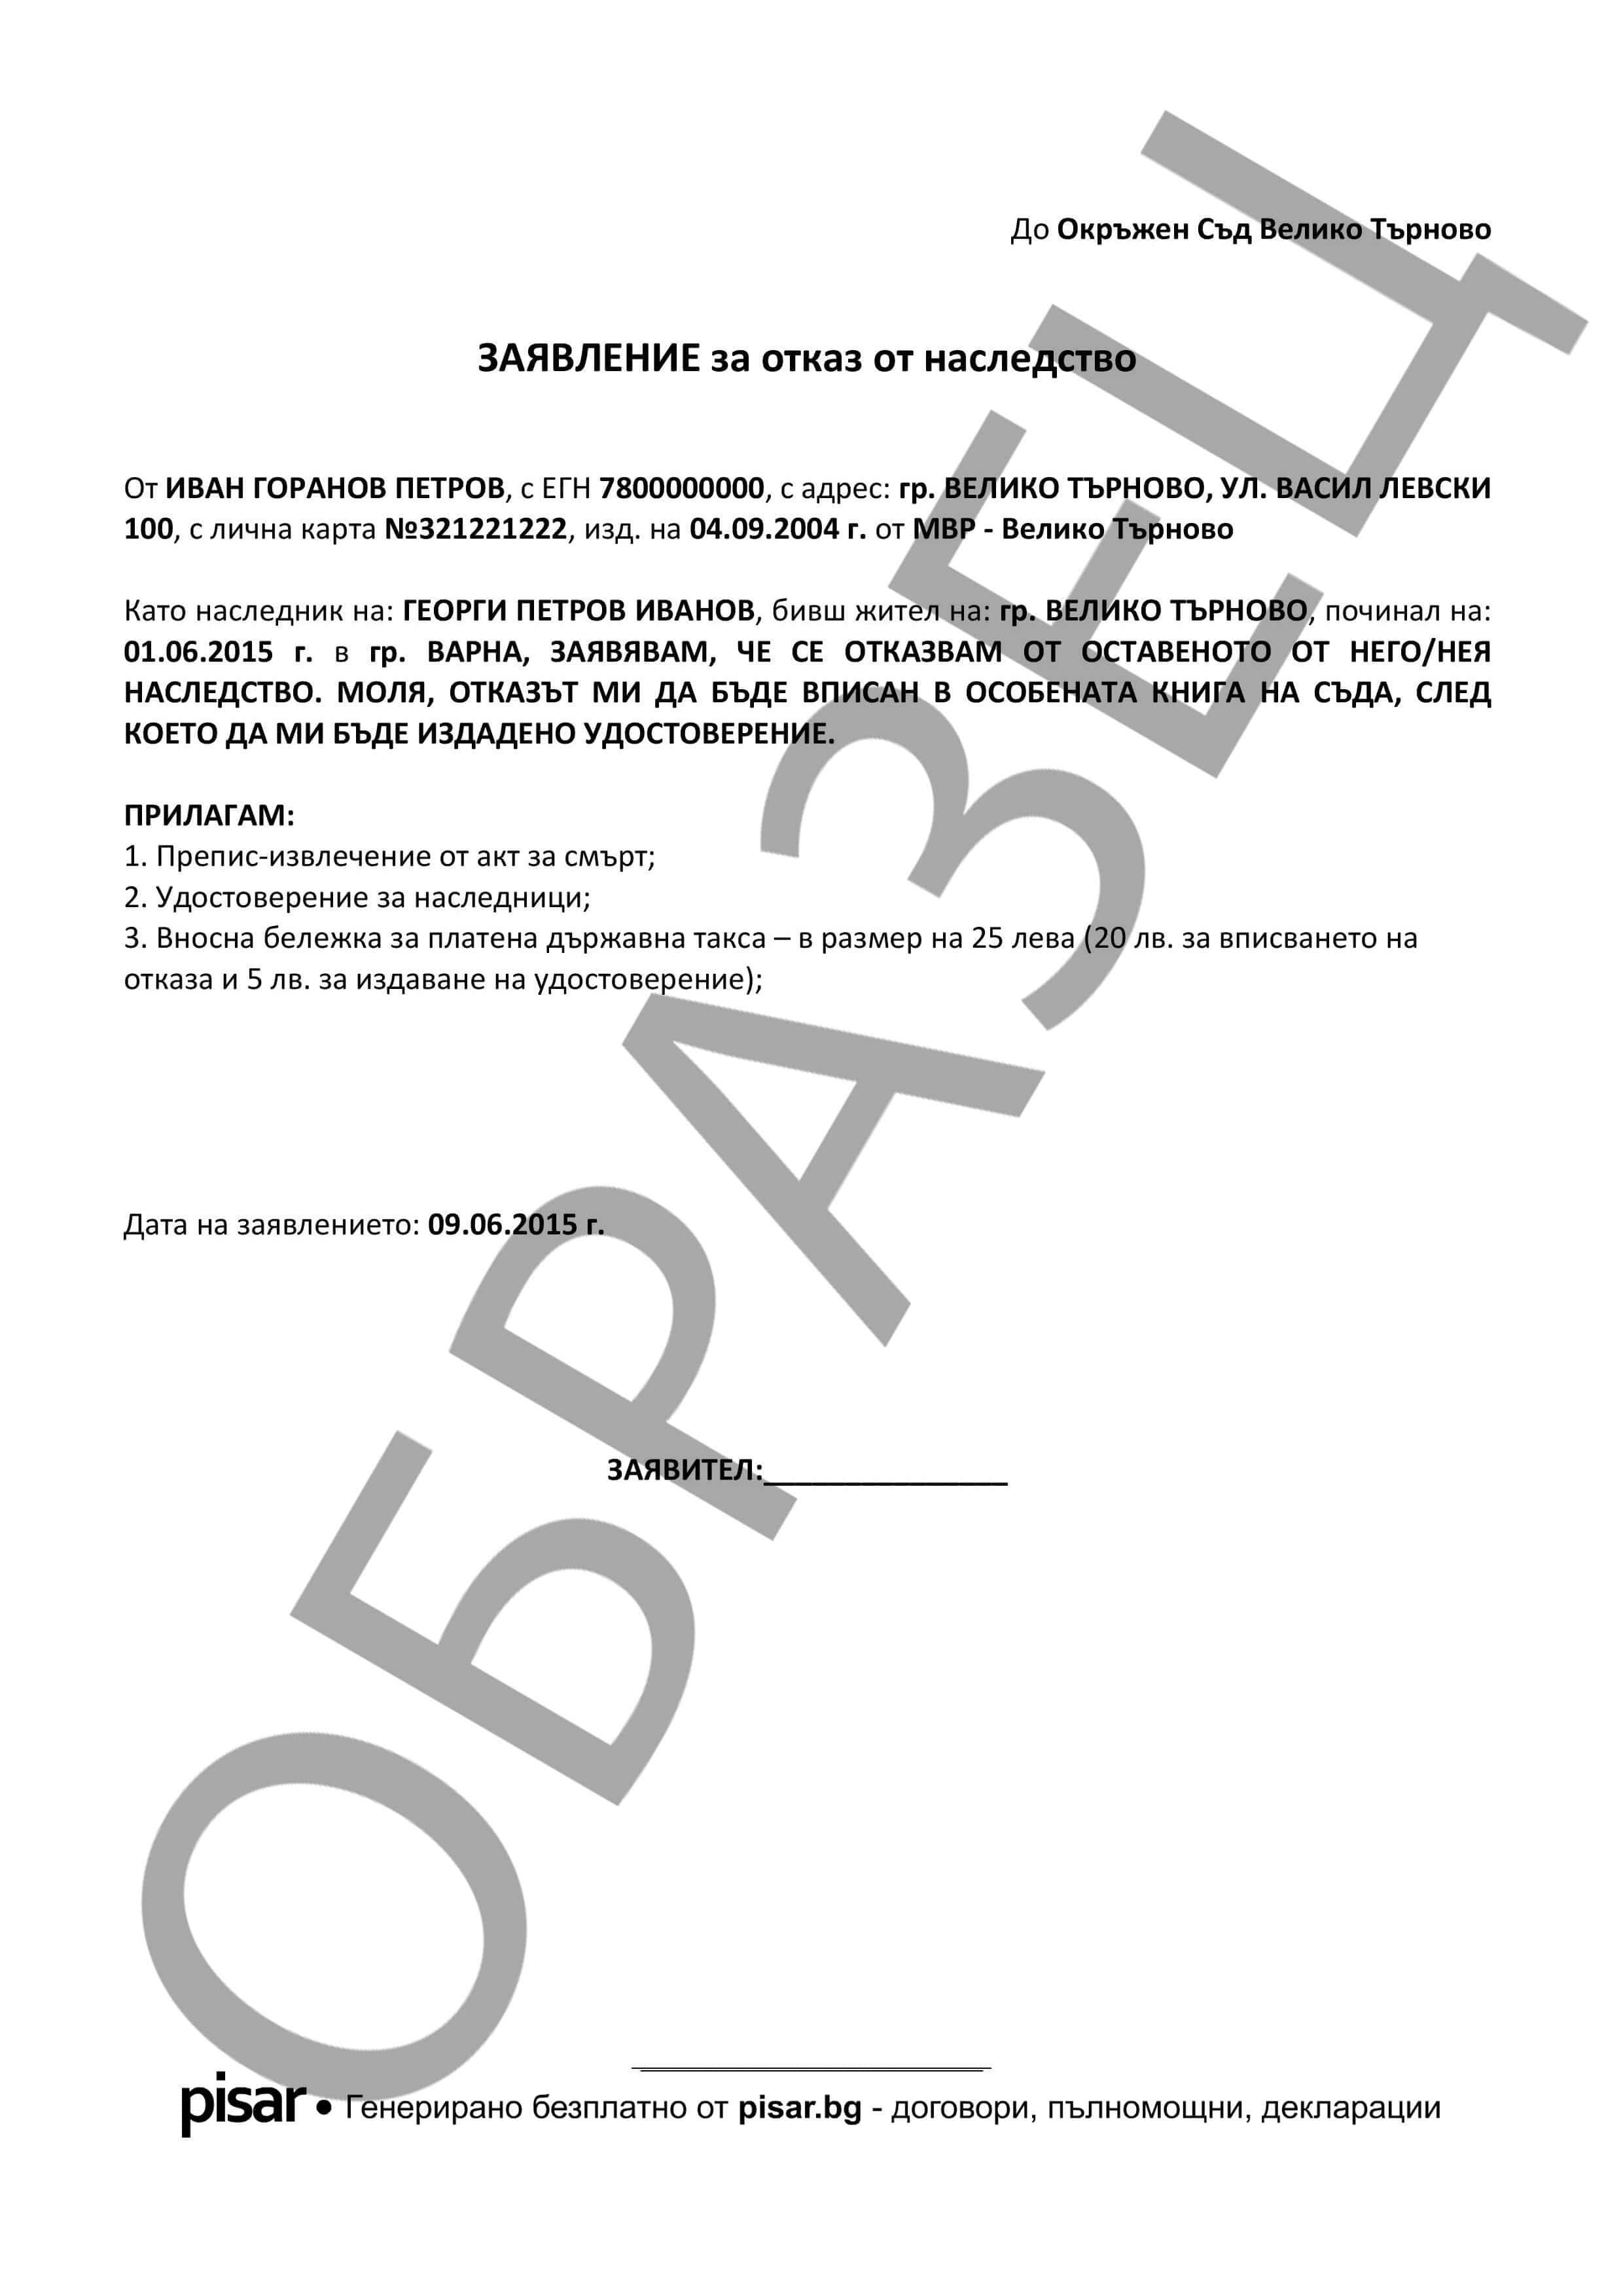 Примерен документ Заявление за отказ от наследство